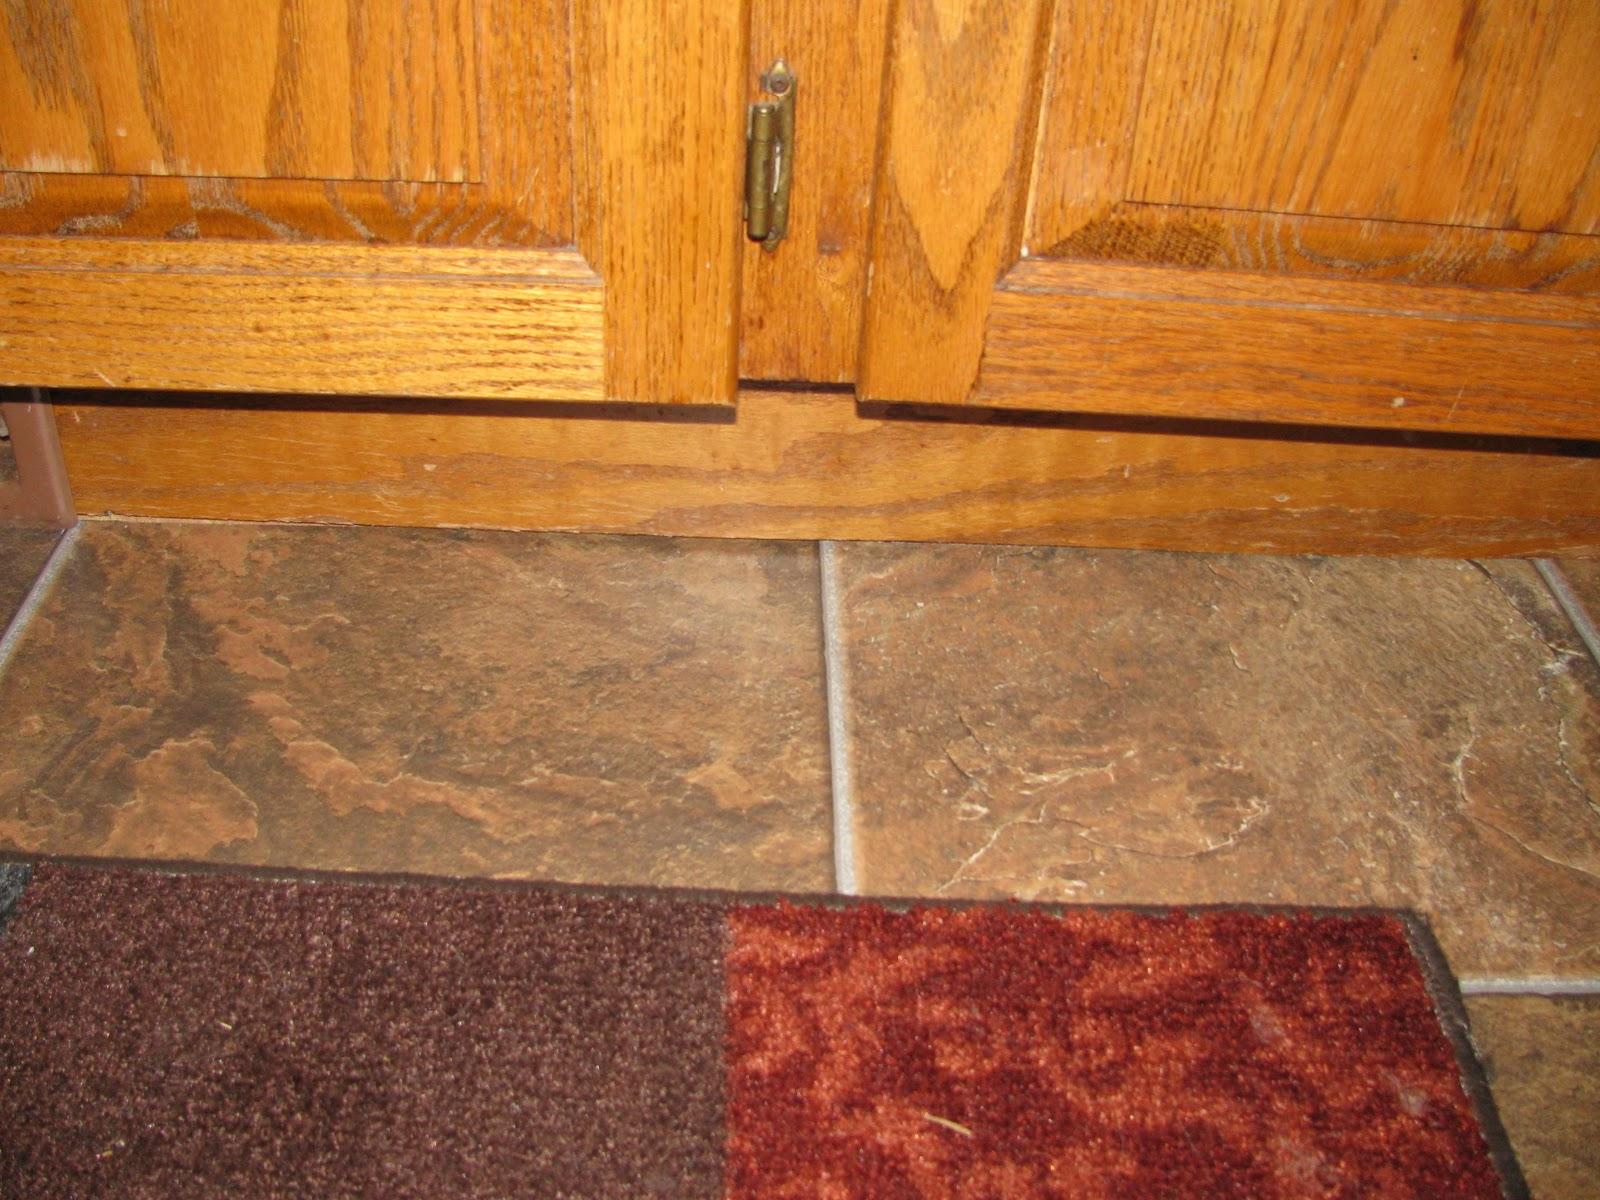 Slate Look Flooring : Laminate flooring looks like slate